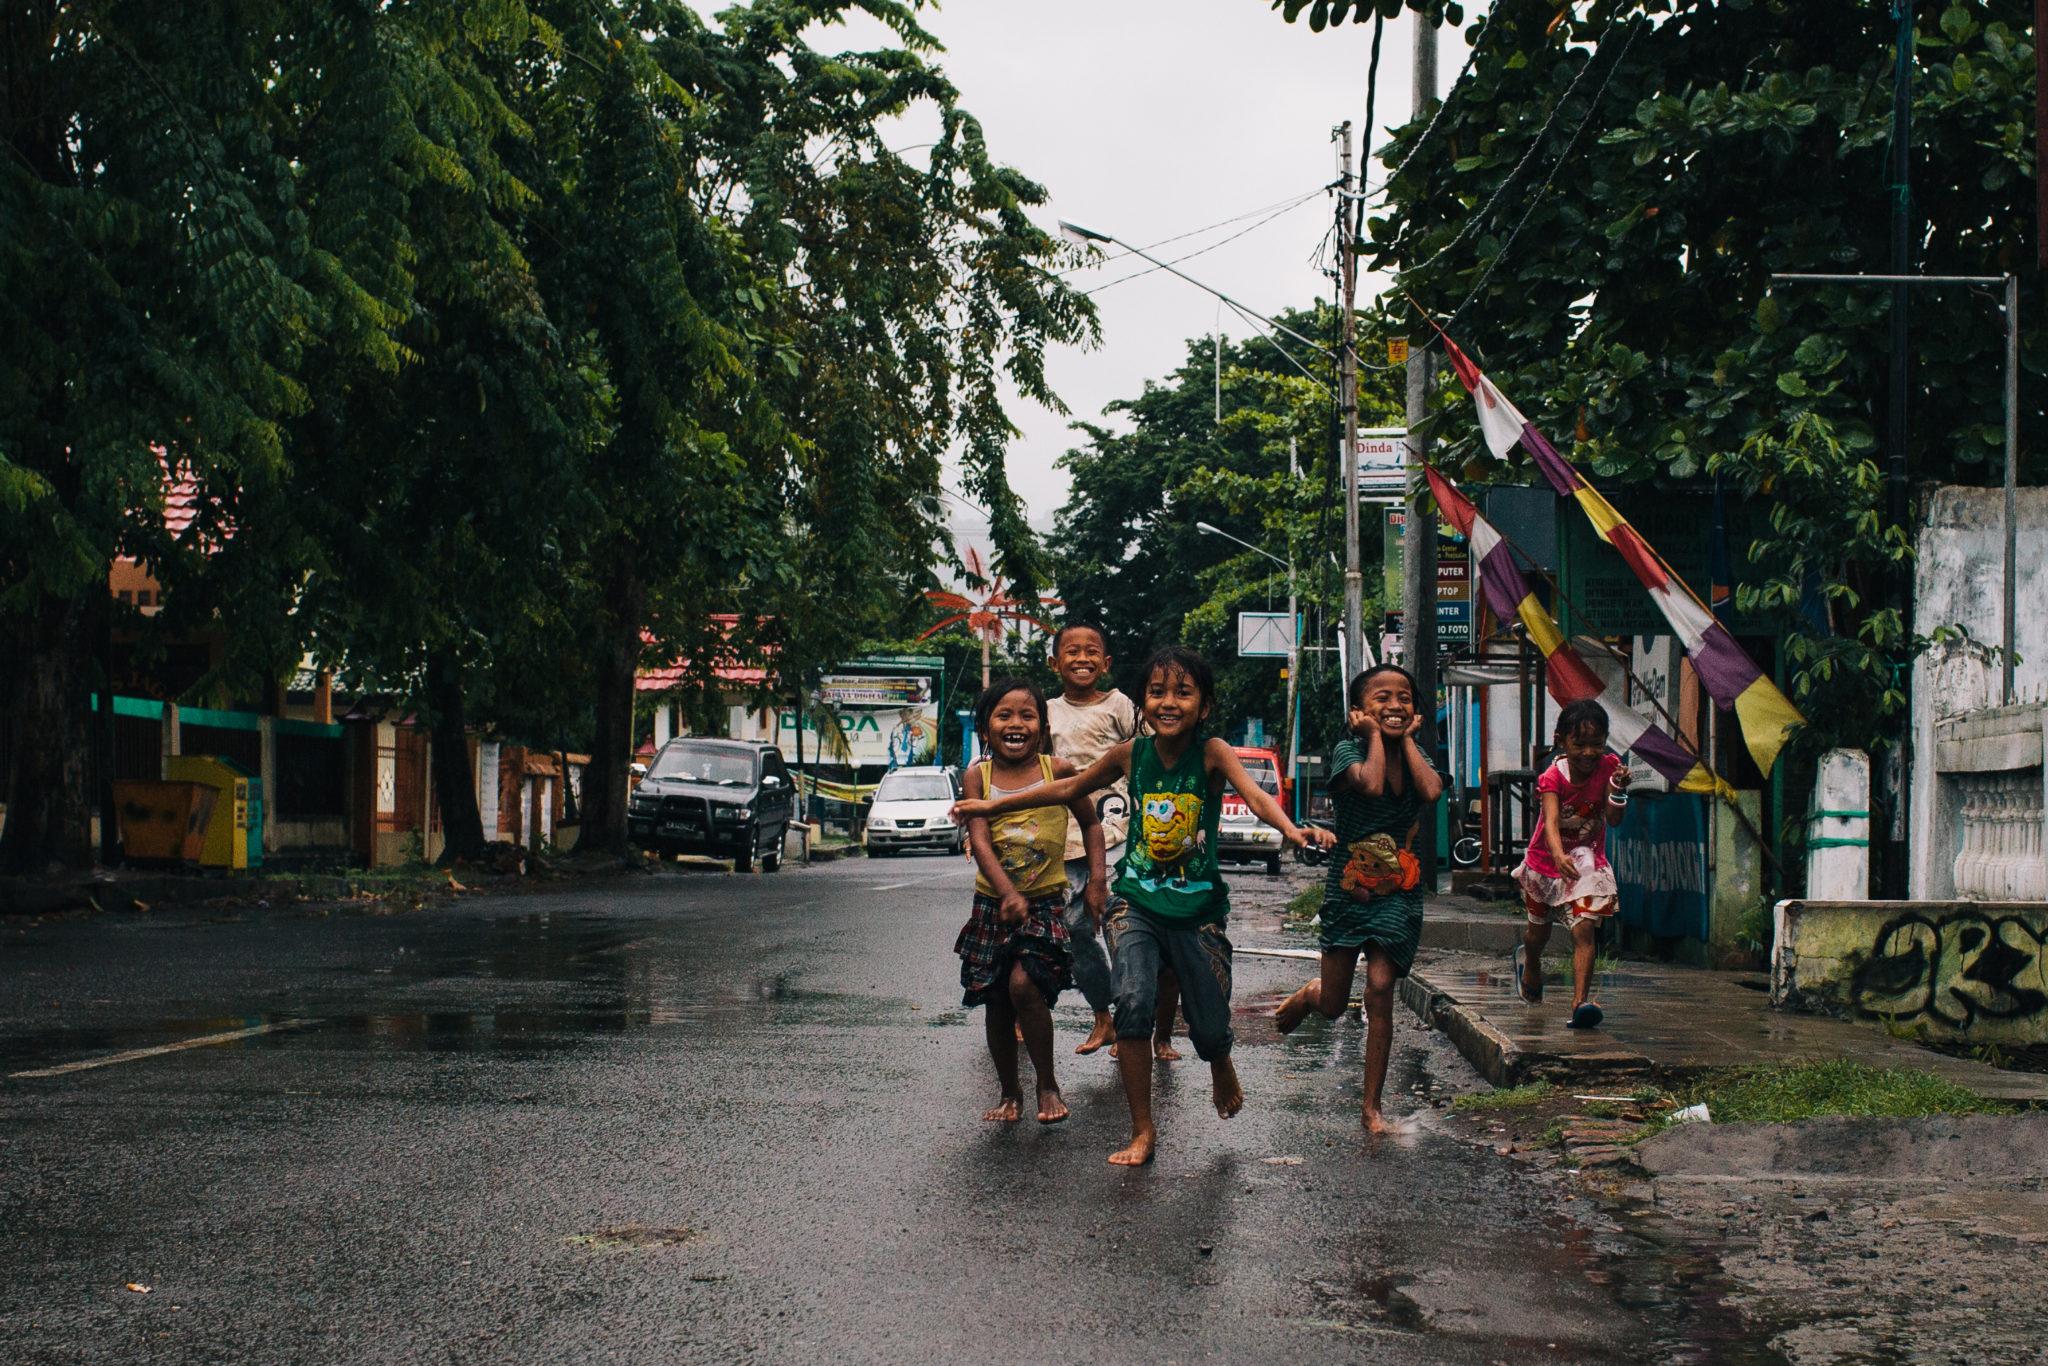 Sumbawa-Indonesia-Children